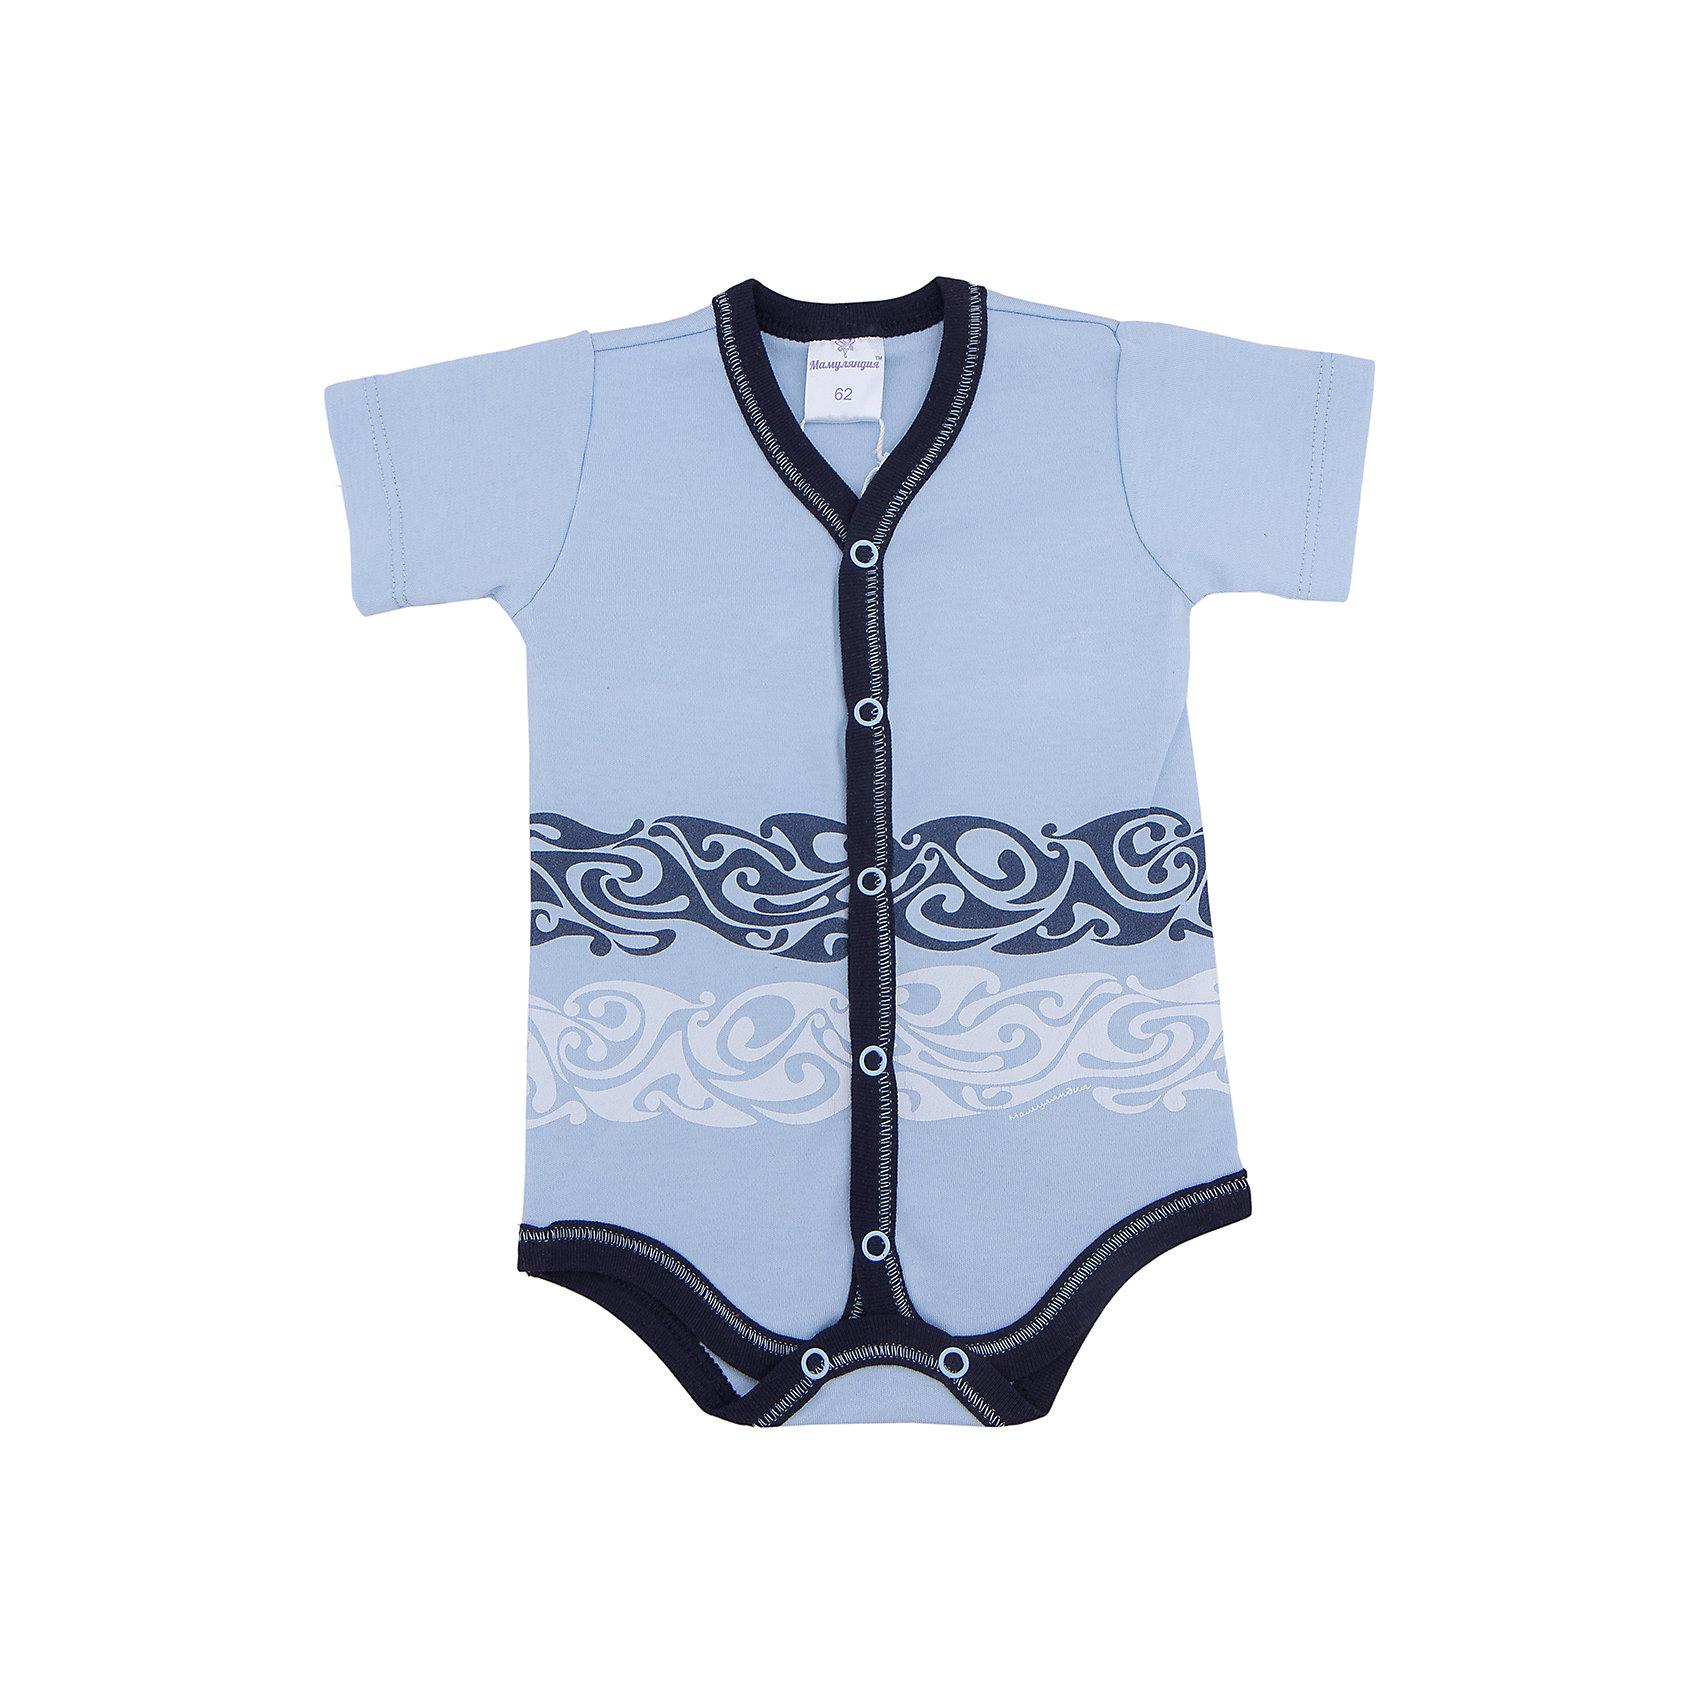 Боди для мальчика МамуляндияБоди<br>Боди  с короткими рукавами из трикотажноготна высшего качества (интерлок пенье). Украшен гипоаллергенным принтом на водной основе, удобное расположение кнопок для переодевания малыша или смены подгузника.<br>Состав 100% хлопок. <br>Рекомендации по уходу: стирать при 40 С, гладить при средней температуре, носить с удовольствием.  100% хлопок<br><br>Ширина мм: 157<br>Глубина мм: 13<br>Высота мм: 119<br>Вес г: 200<br>Цвет: голубой<br>Возраст от месяцев: 0<br>Возраст до месяцев: 3<br>Пол: Мужской<br>Возраст: Детский<br>Размер: 56,86,62,68,74,80<br>SKU: 4735680